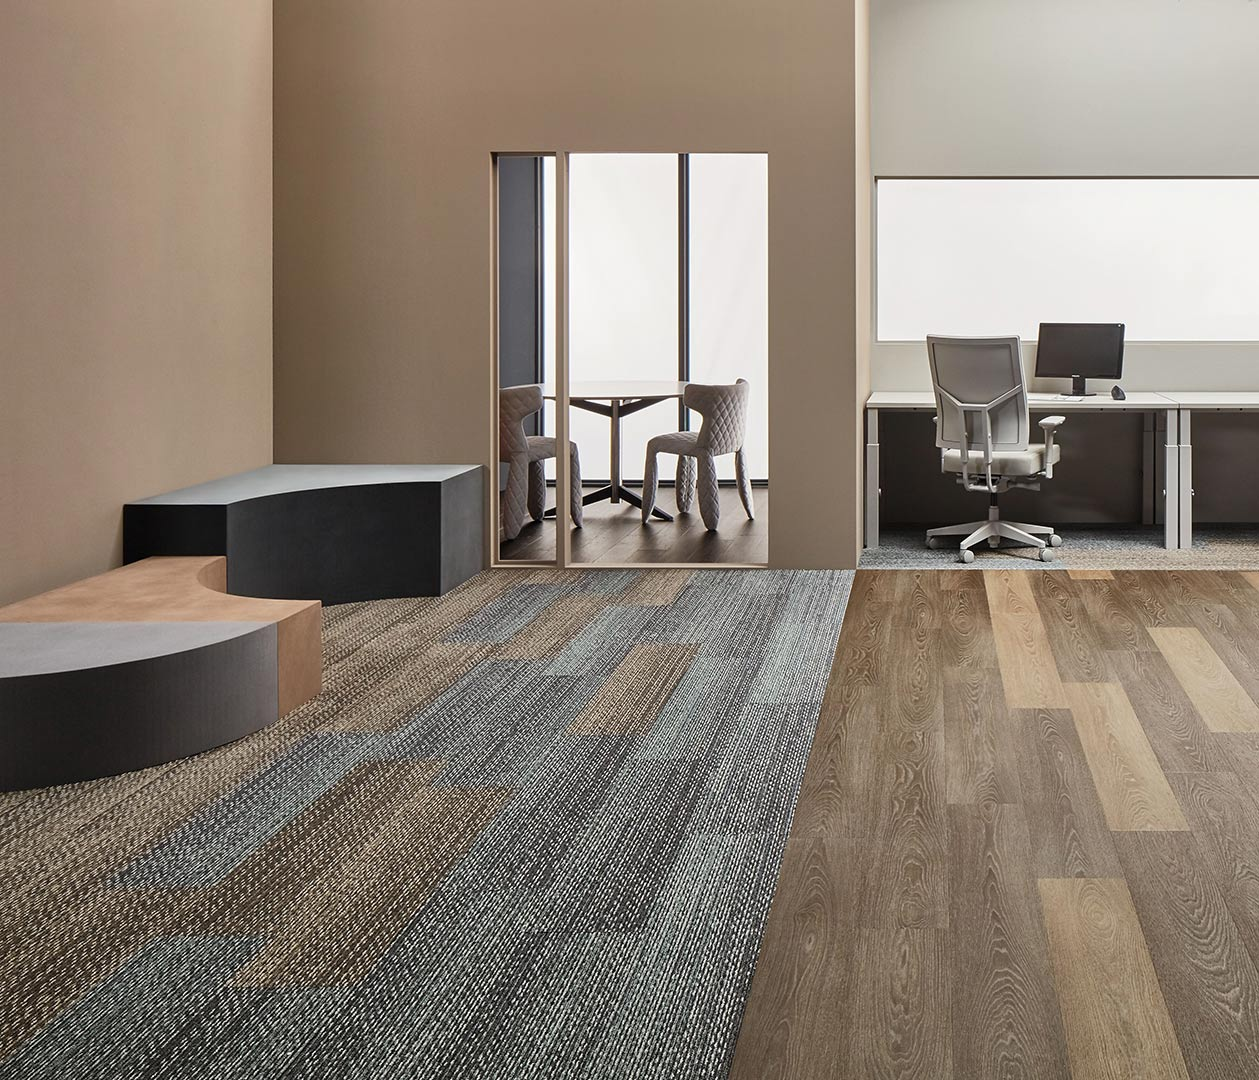 Vinylboden Hazelnut Timber – Echtholz Optik mit dunkelbrauner, haselnussfarbener Maserung – Kostenloses Muster bestellen!